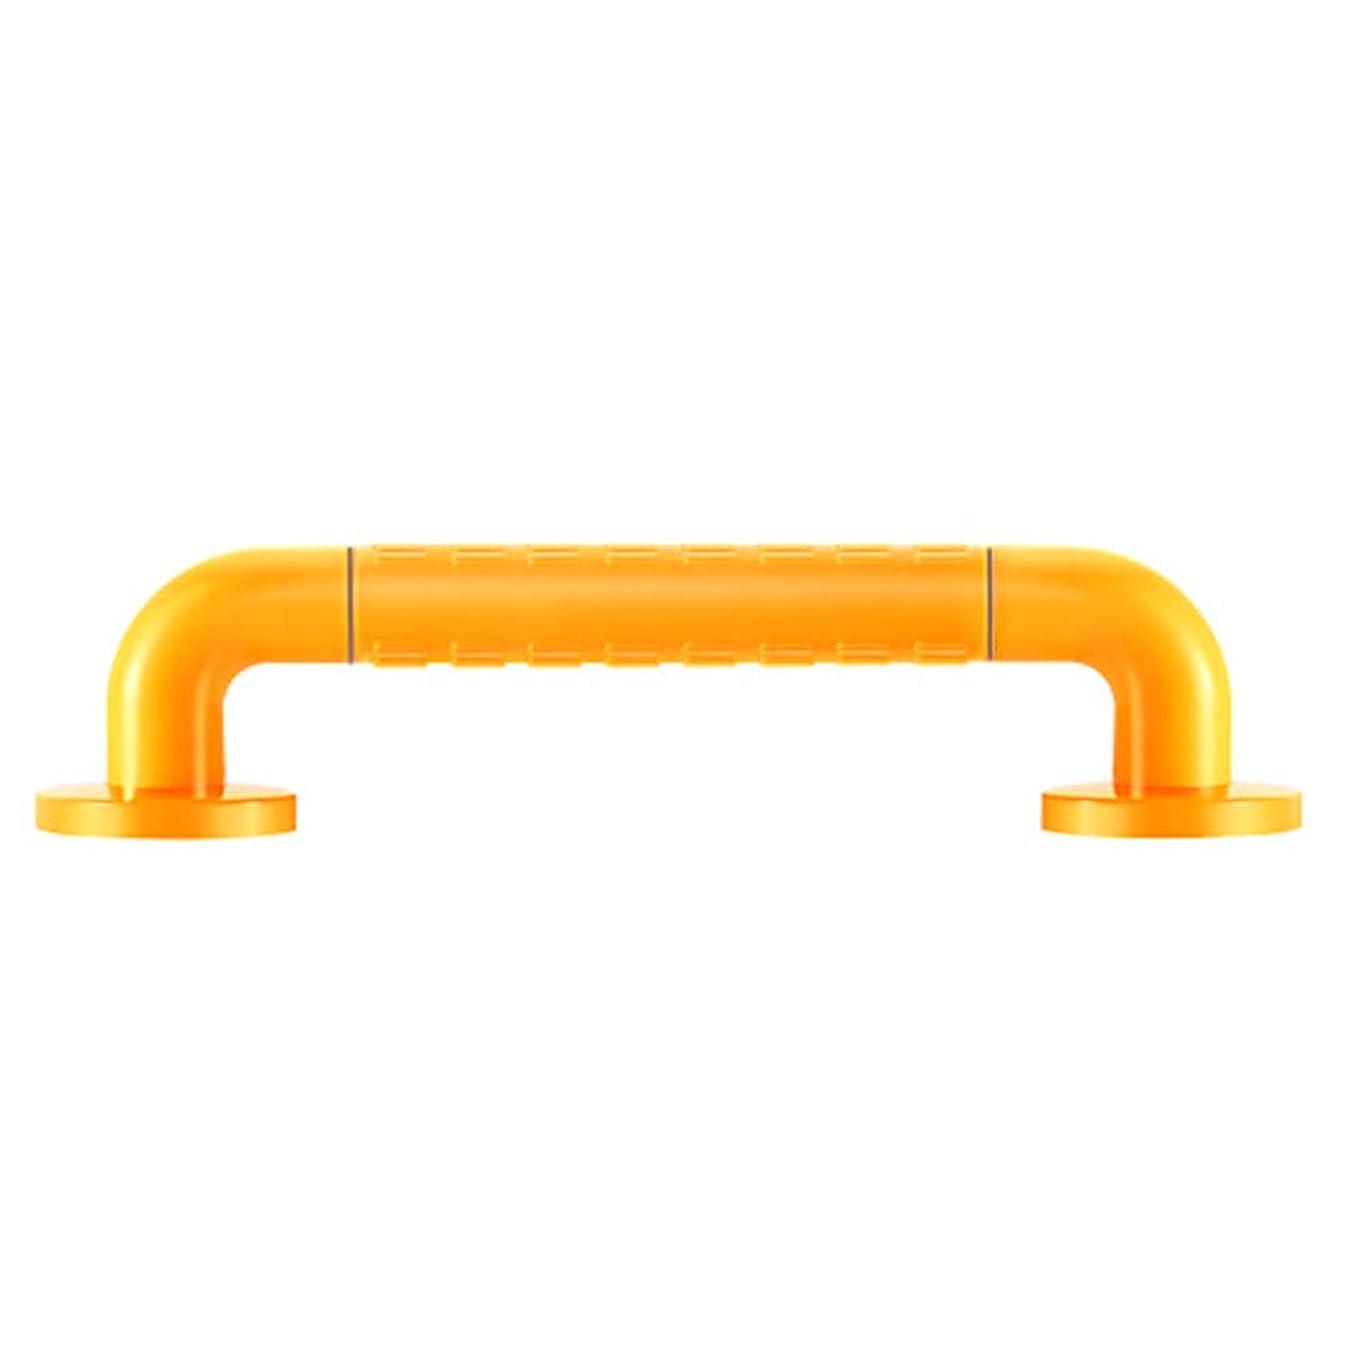 収縮したい直接バスルーム滑り止めグリップ, ステンレス鋼の安全ハンドル 固体壁の設置 耐荷重300KG バスタブ/トイレ/階段用(38CM),A